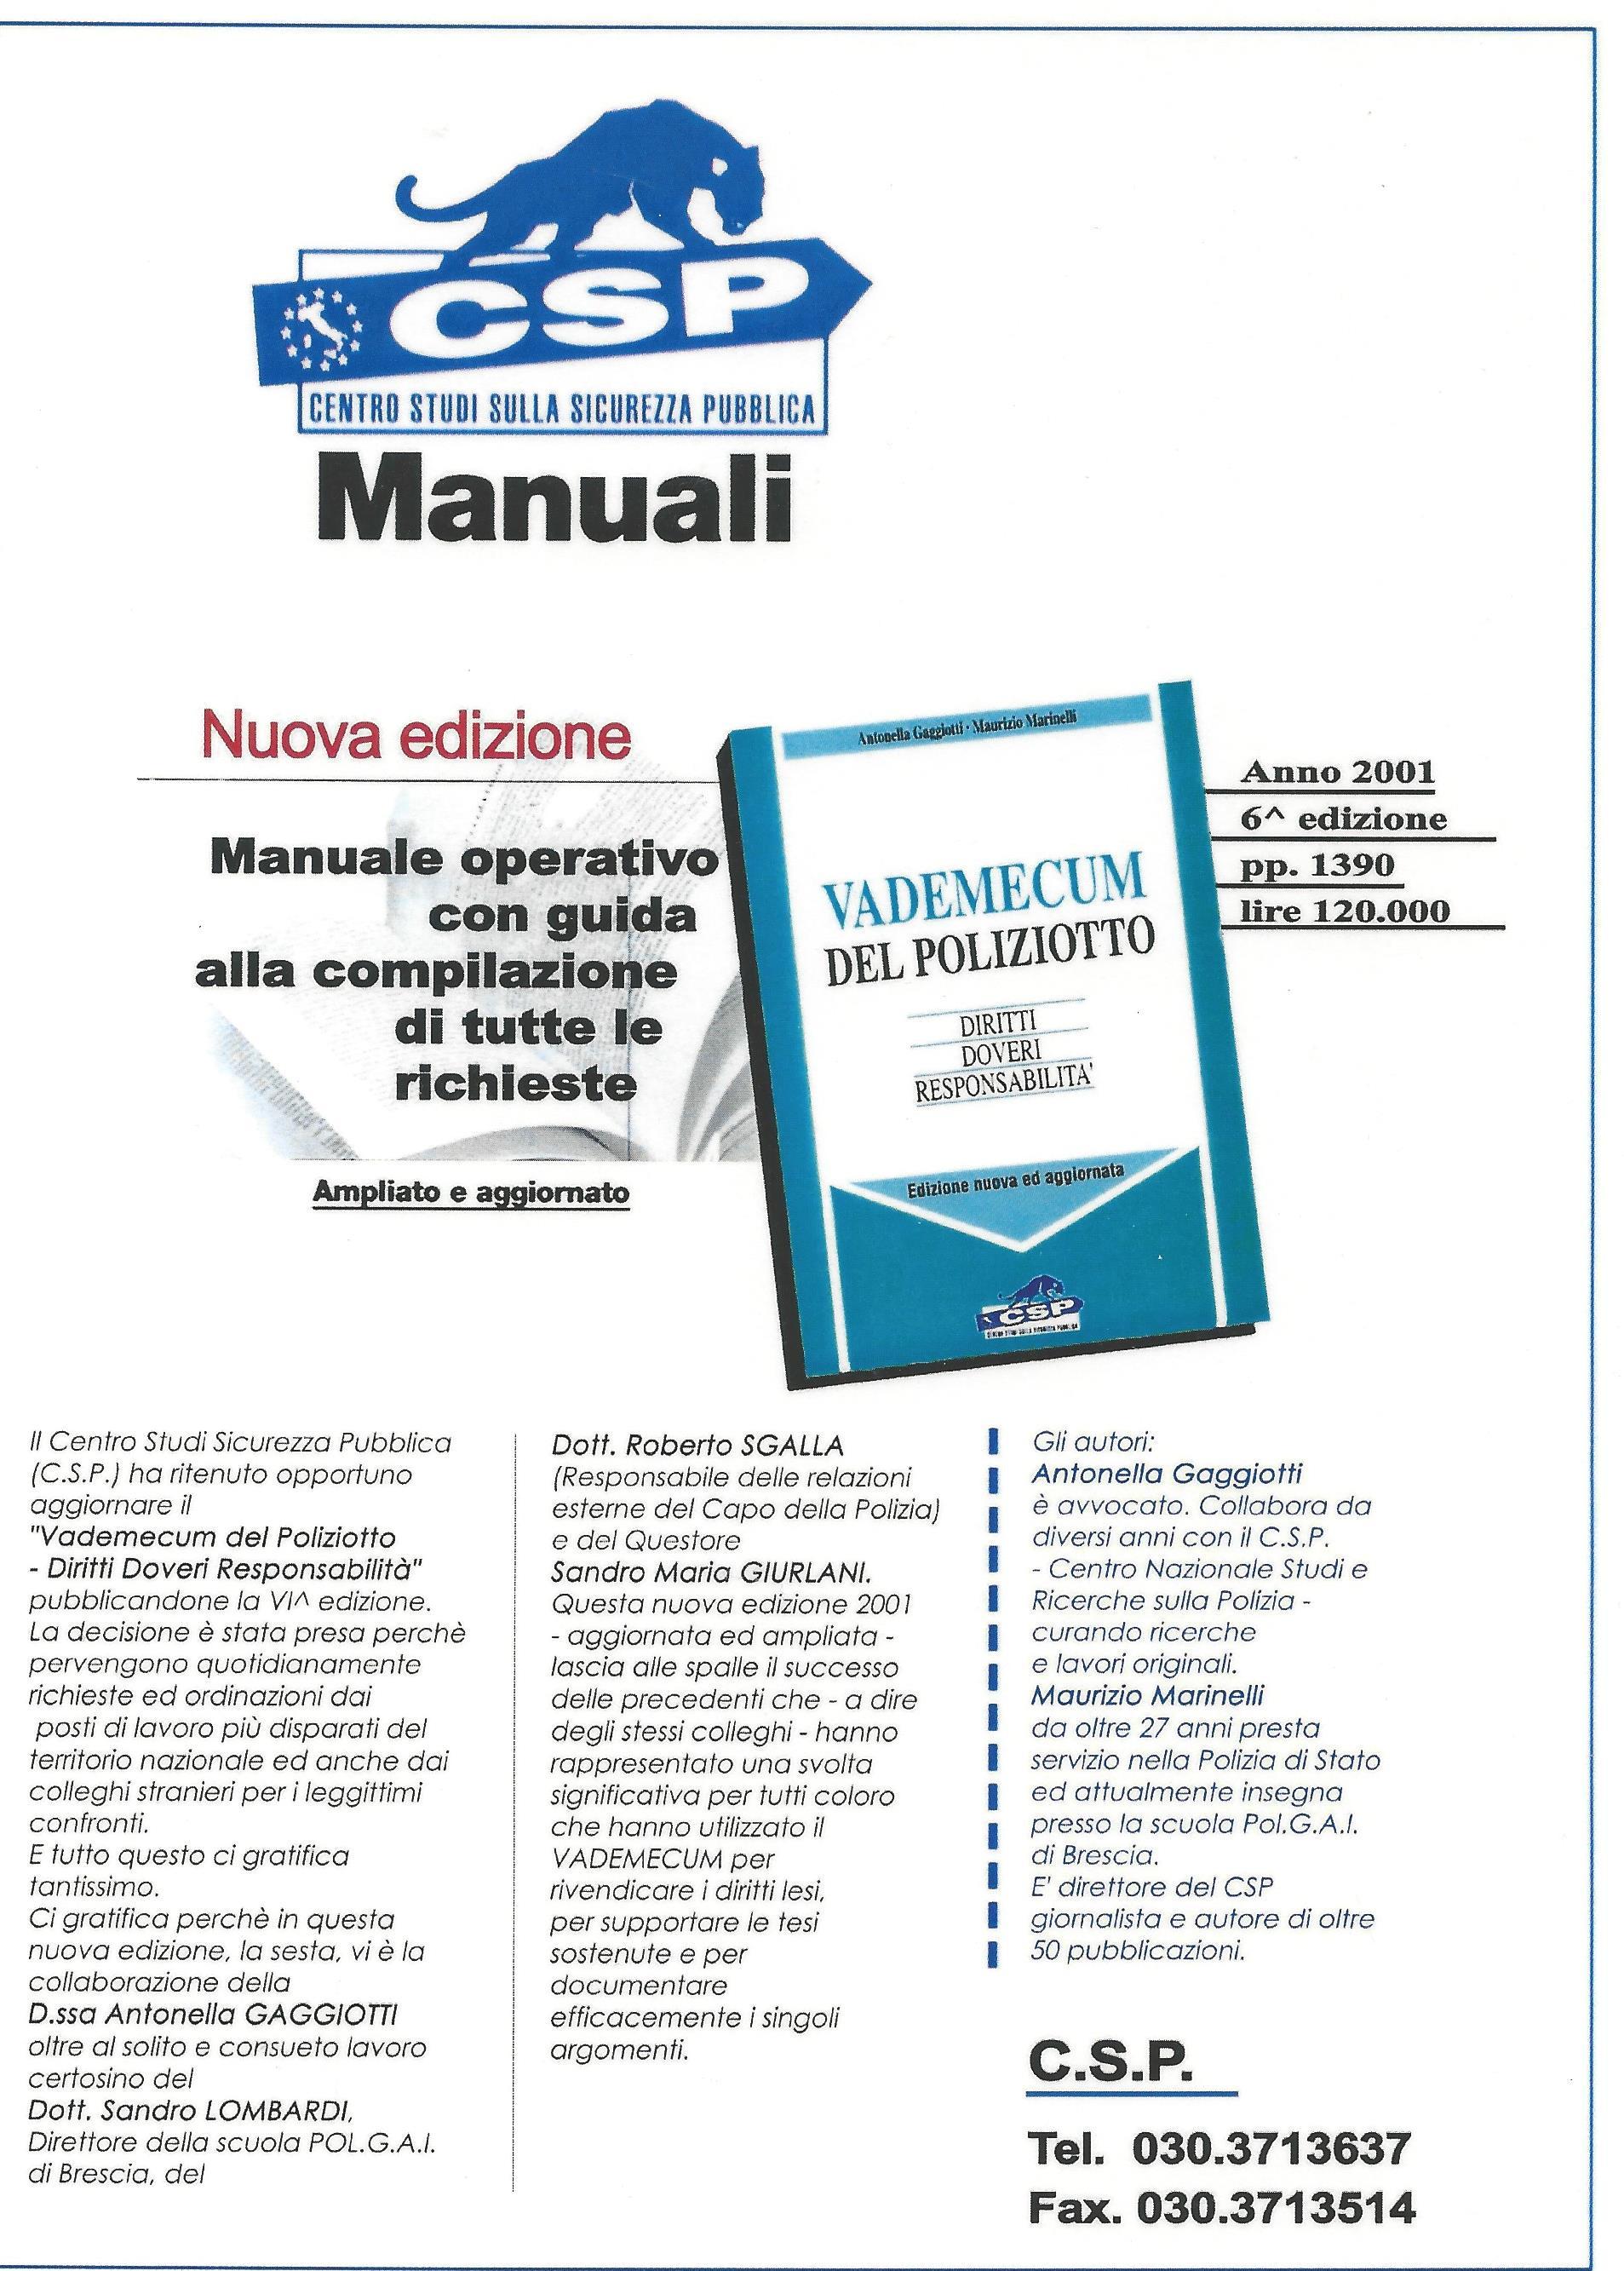 Vademecum-del-poliziotto-nr-6-edizione-2001